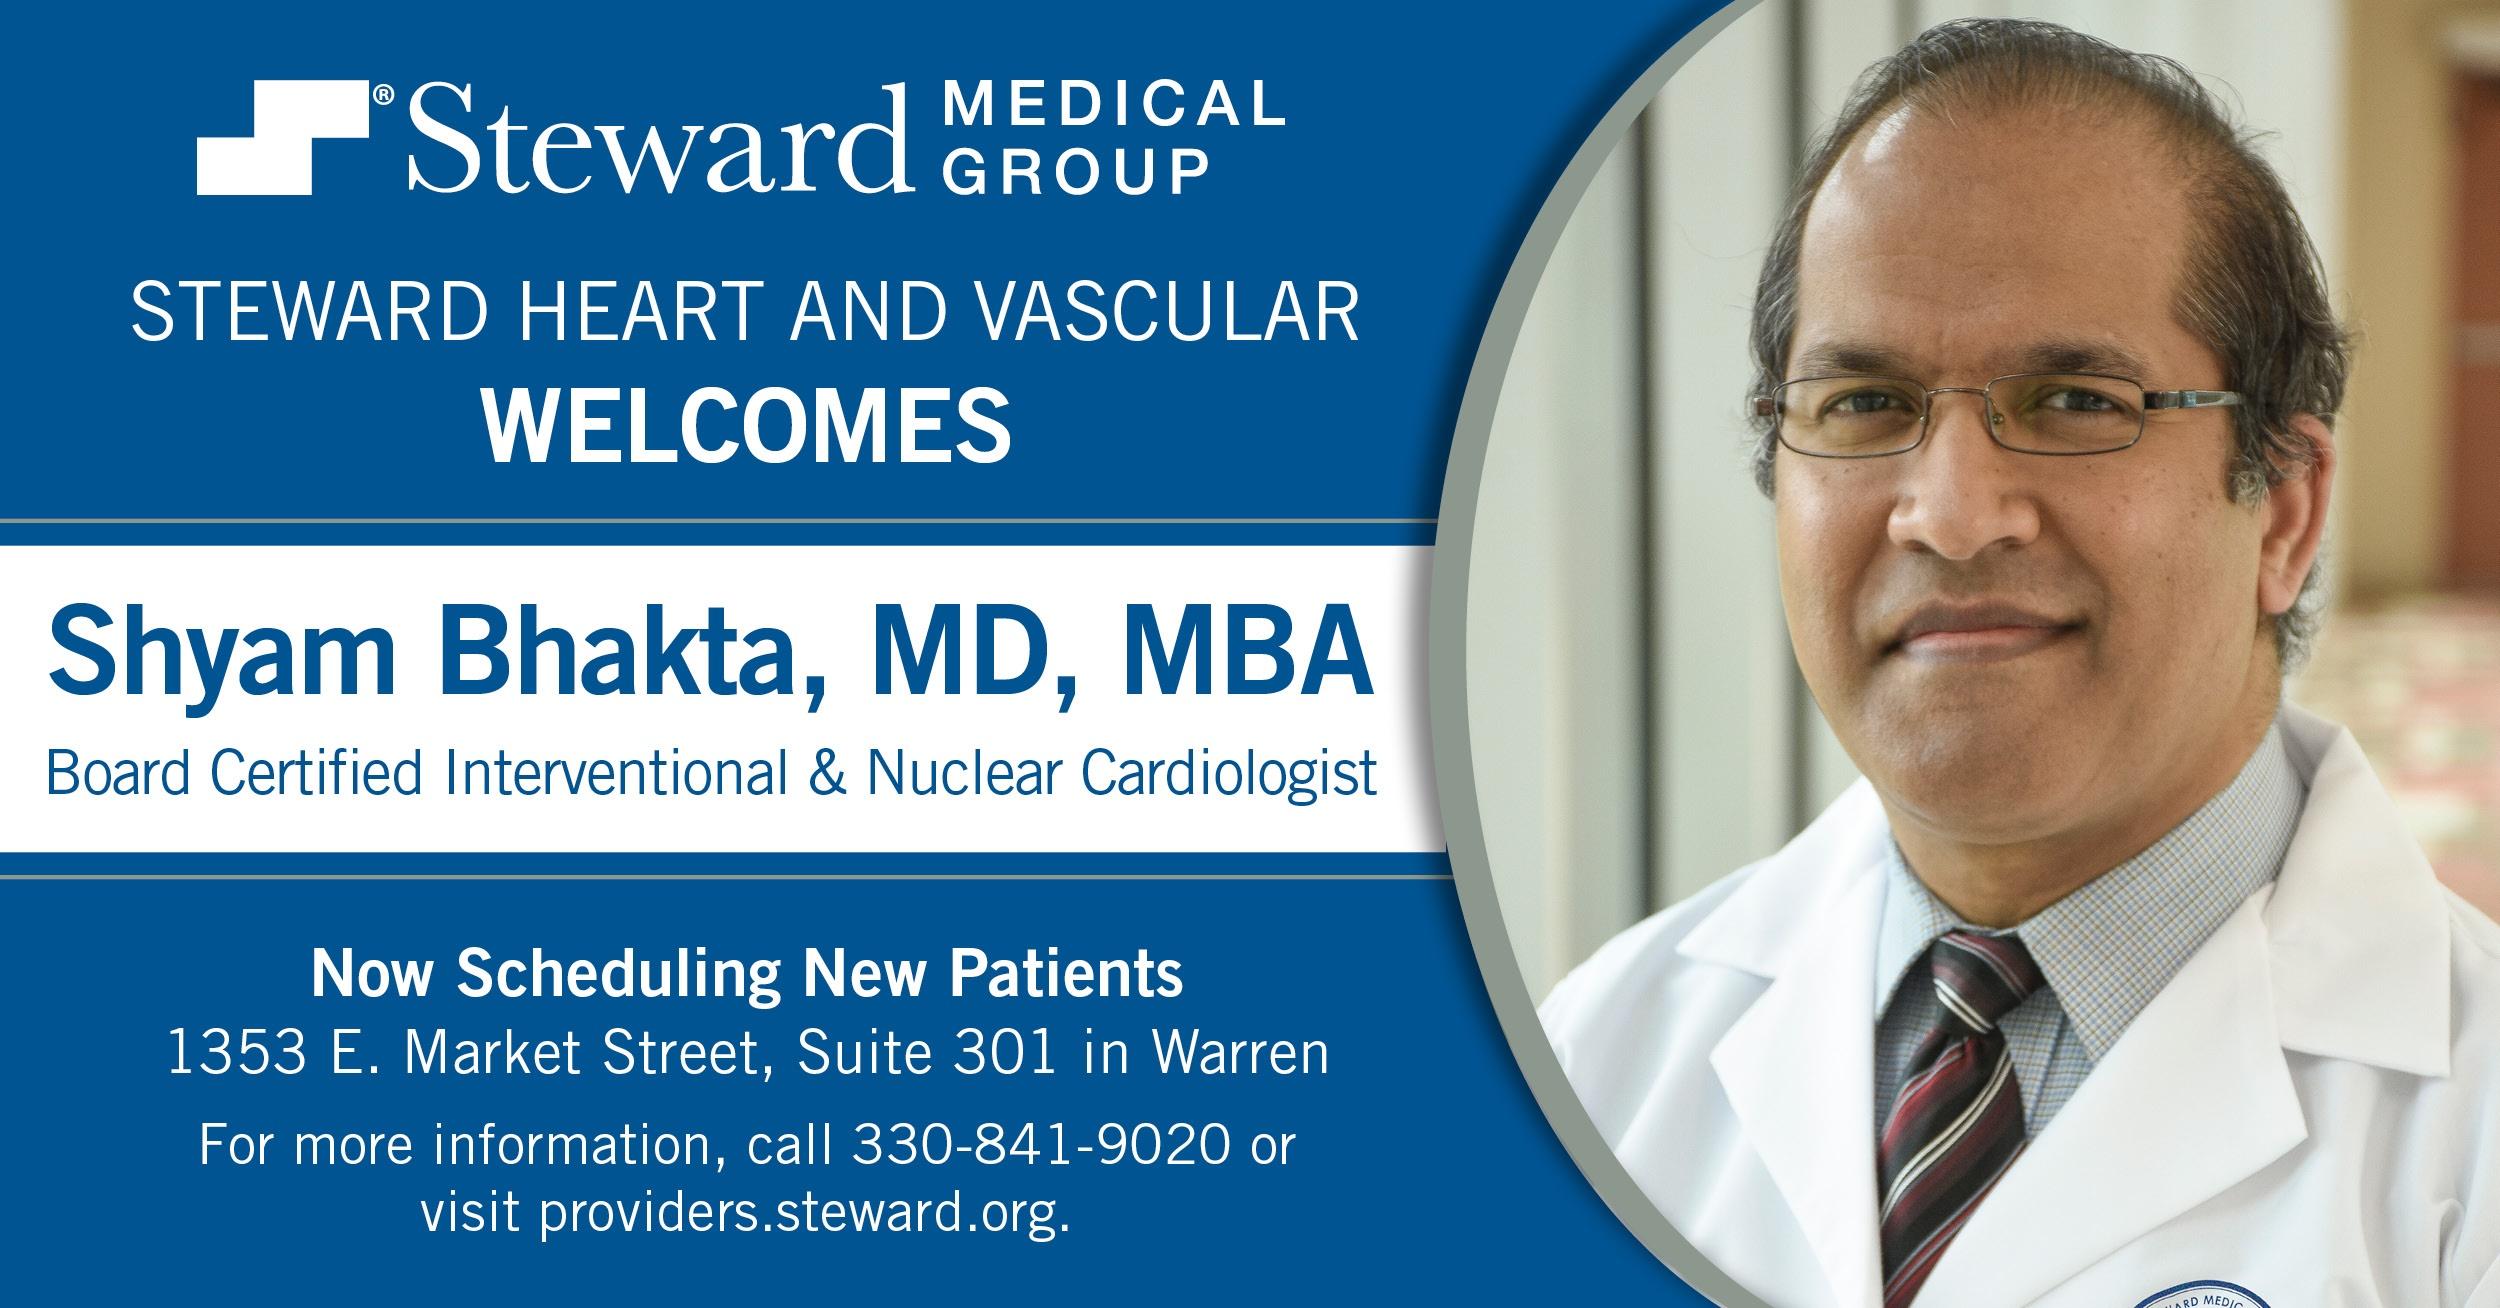 Dr. Shyam Bhakta